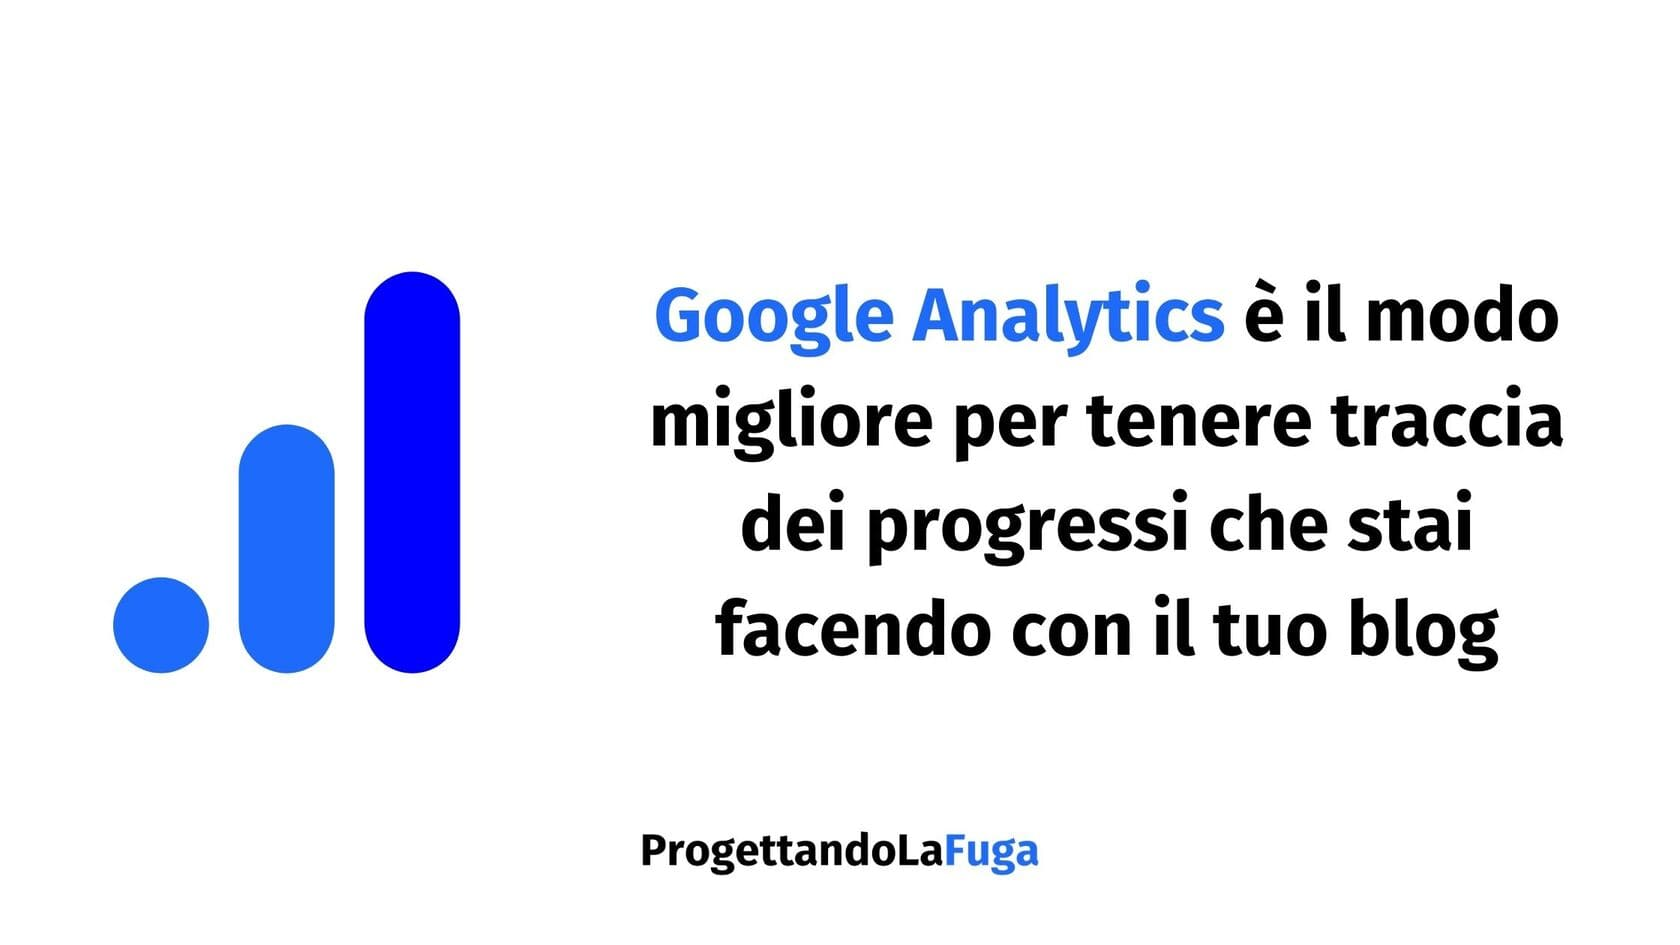 installa Google Analytics prima di promuovere un blog